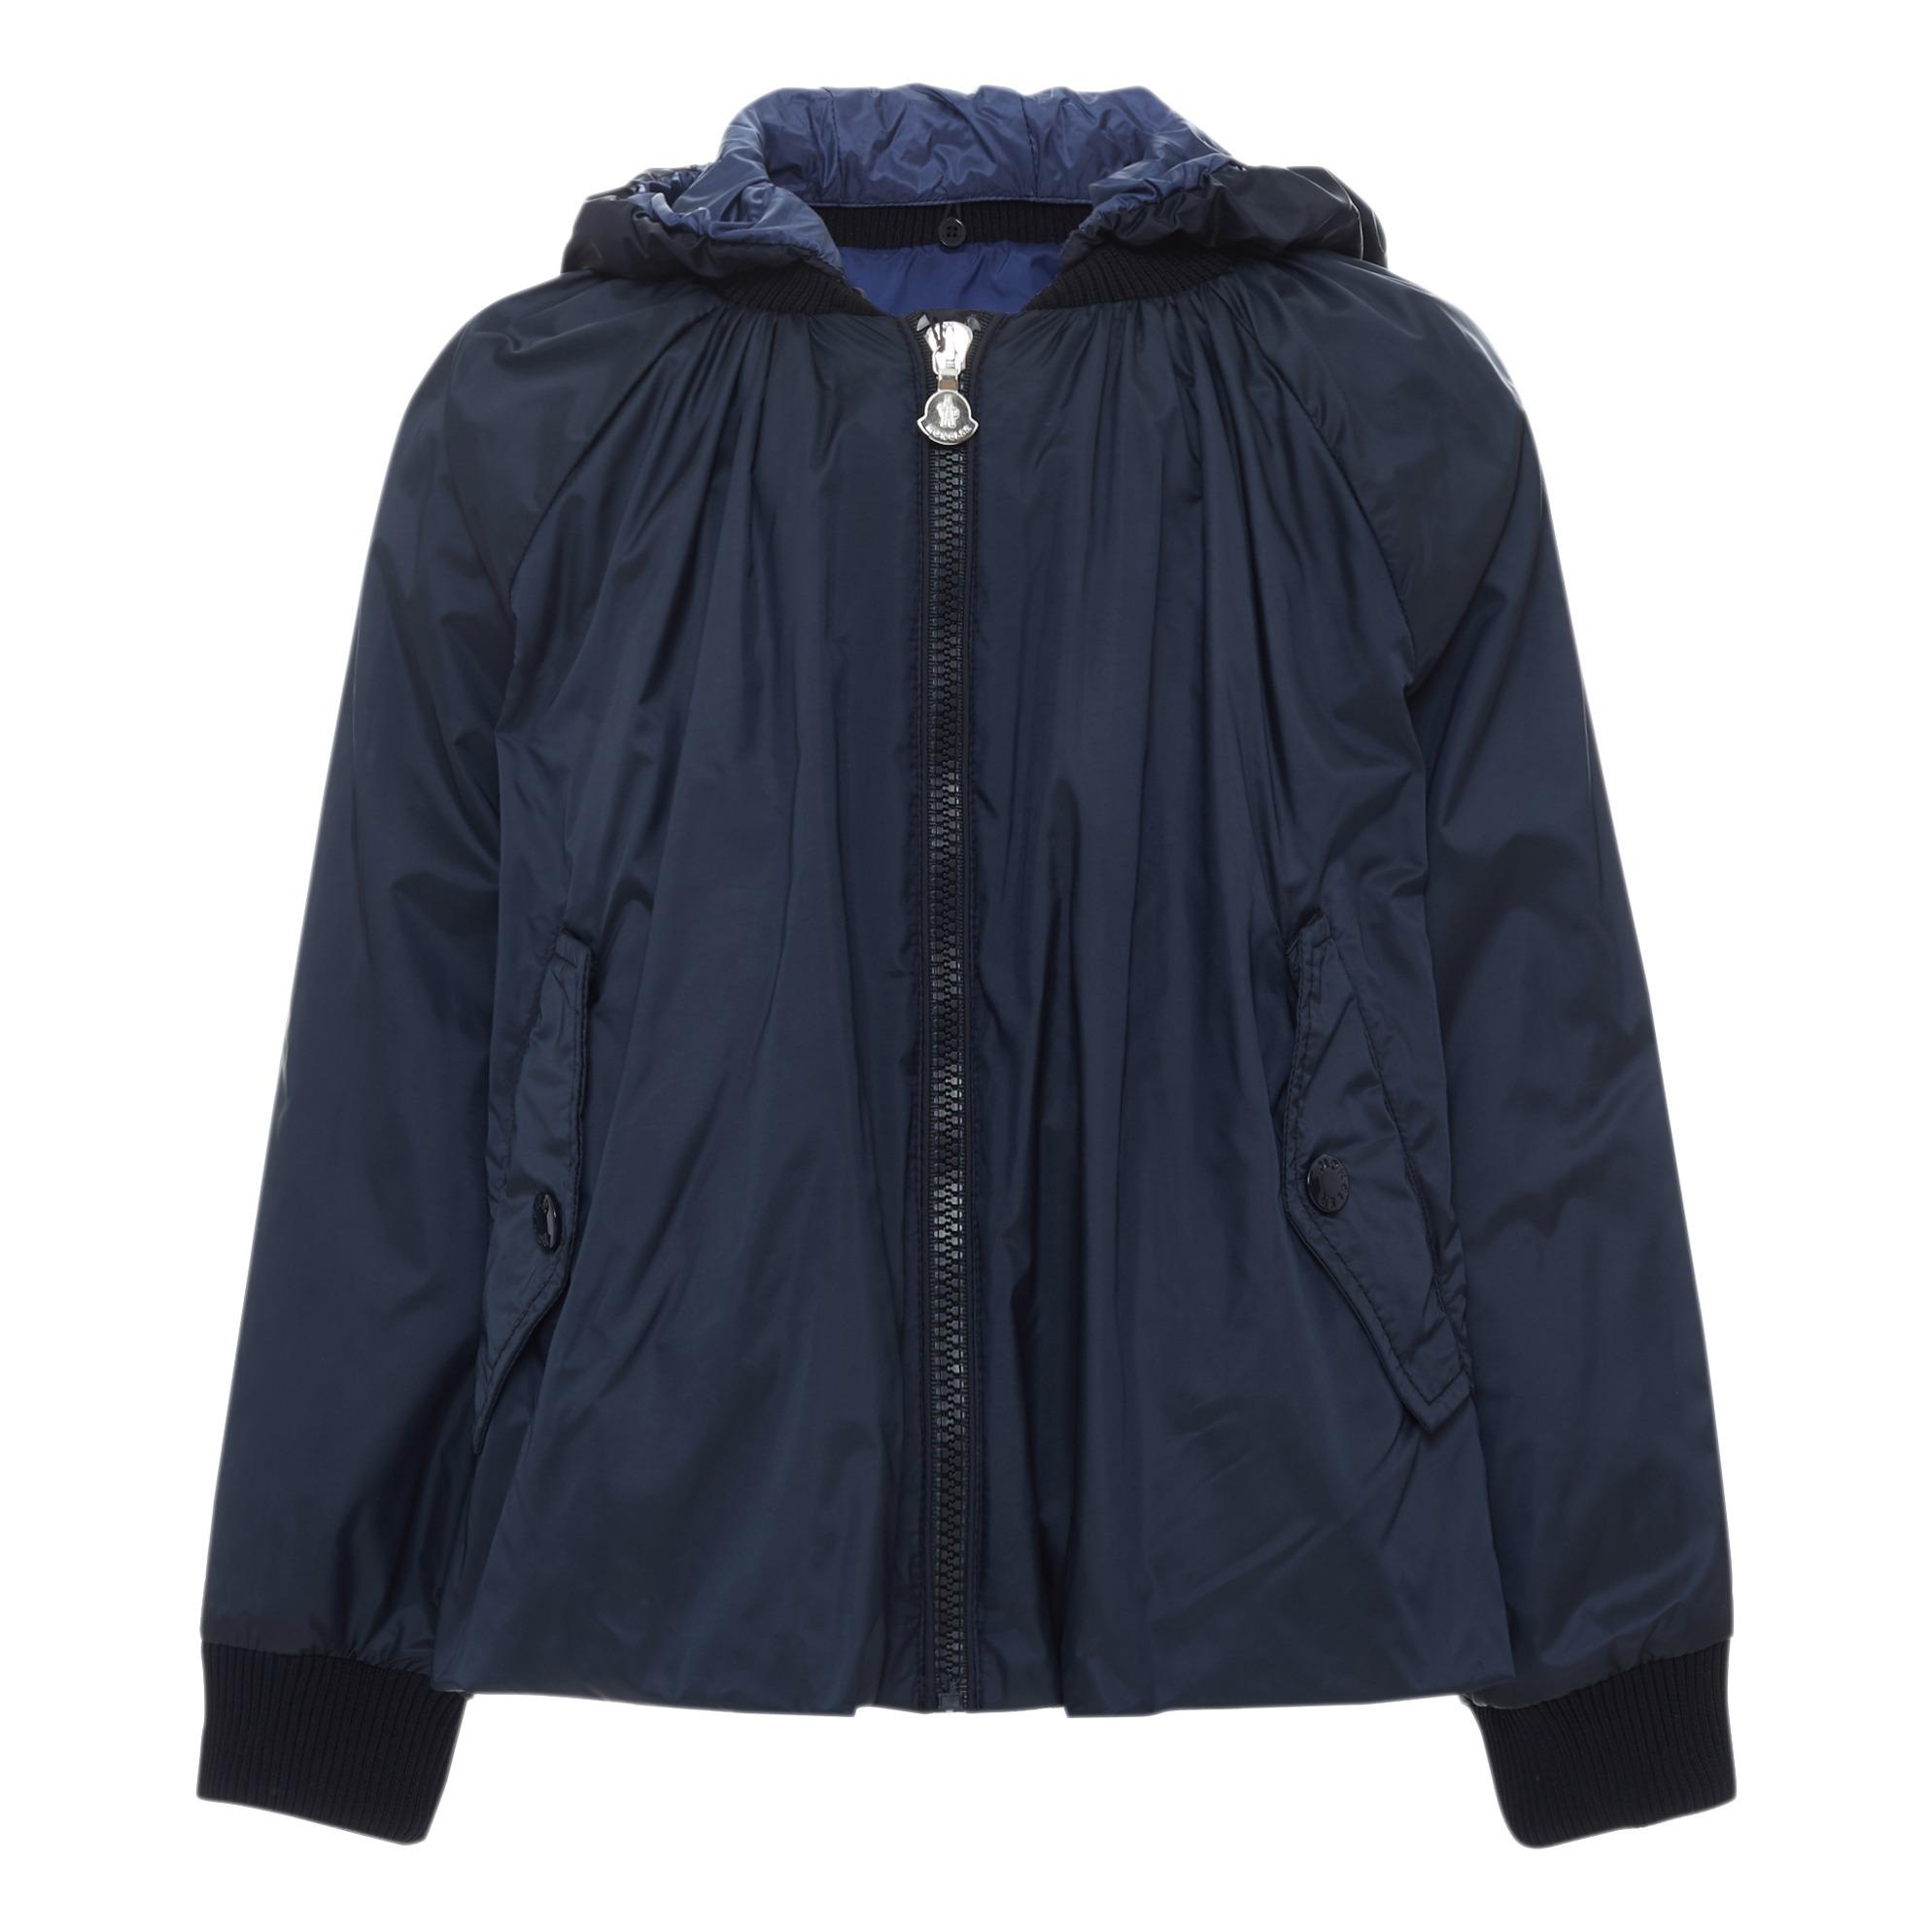 9e51e4186 Amman hooded jacket Midnight blue Moncler Fashion Teen , Children. «